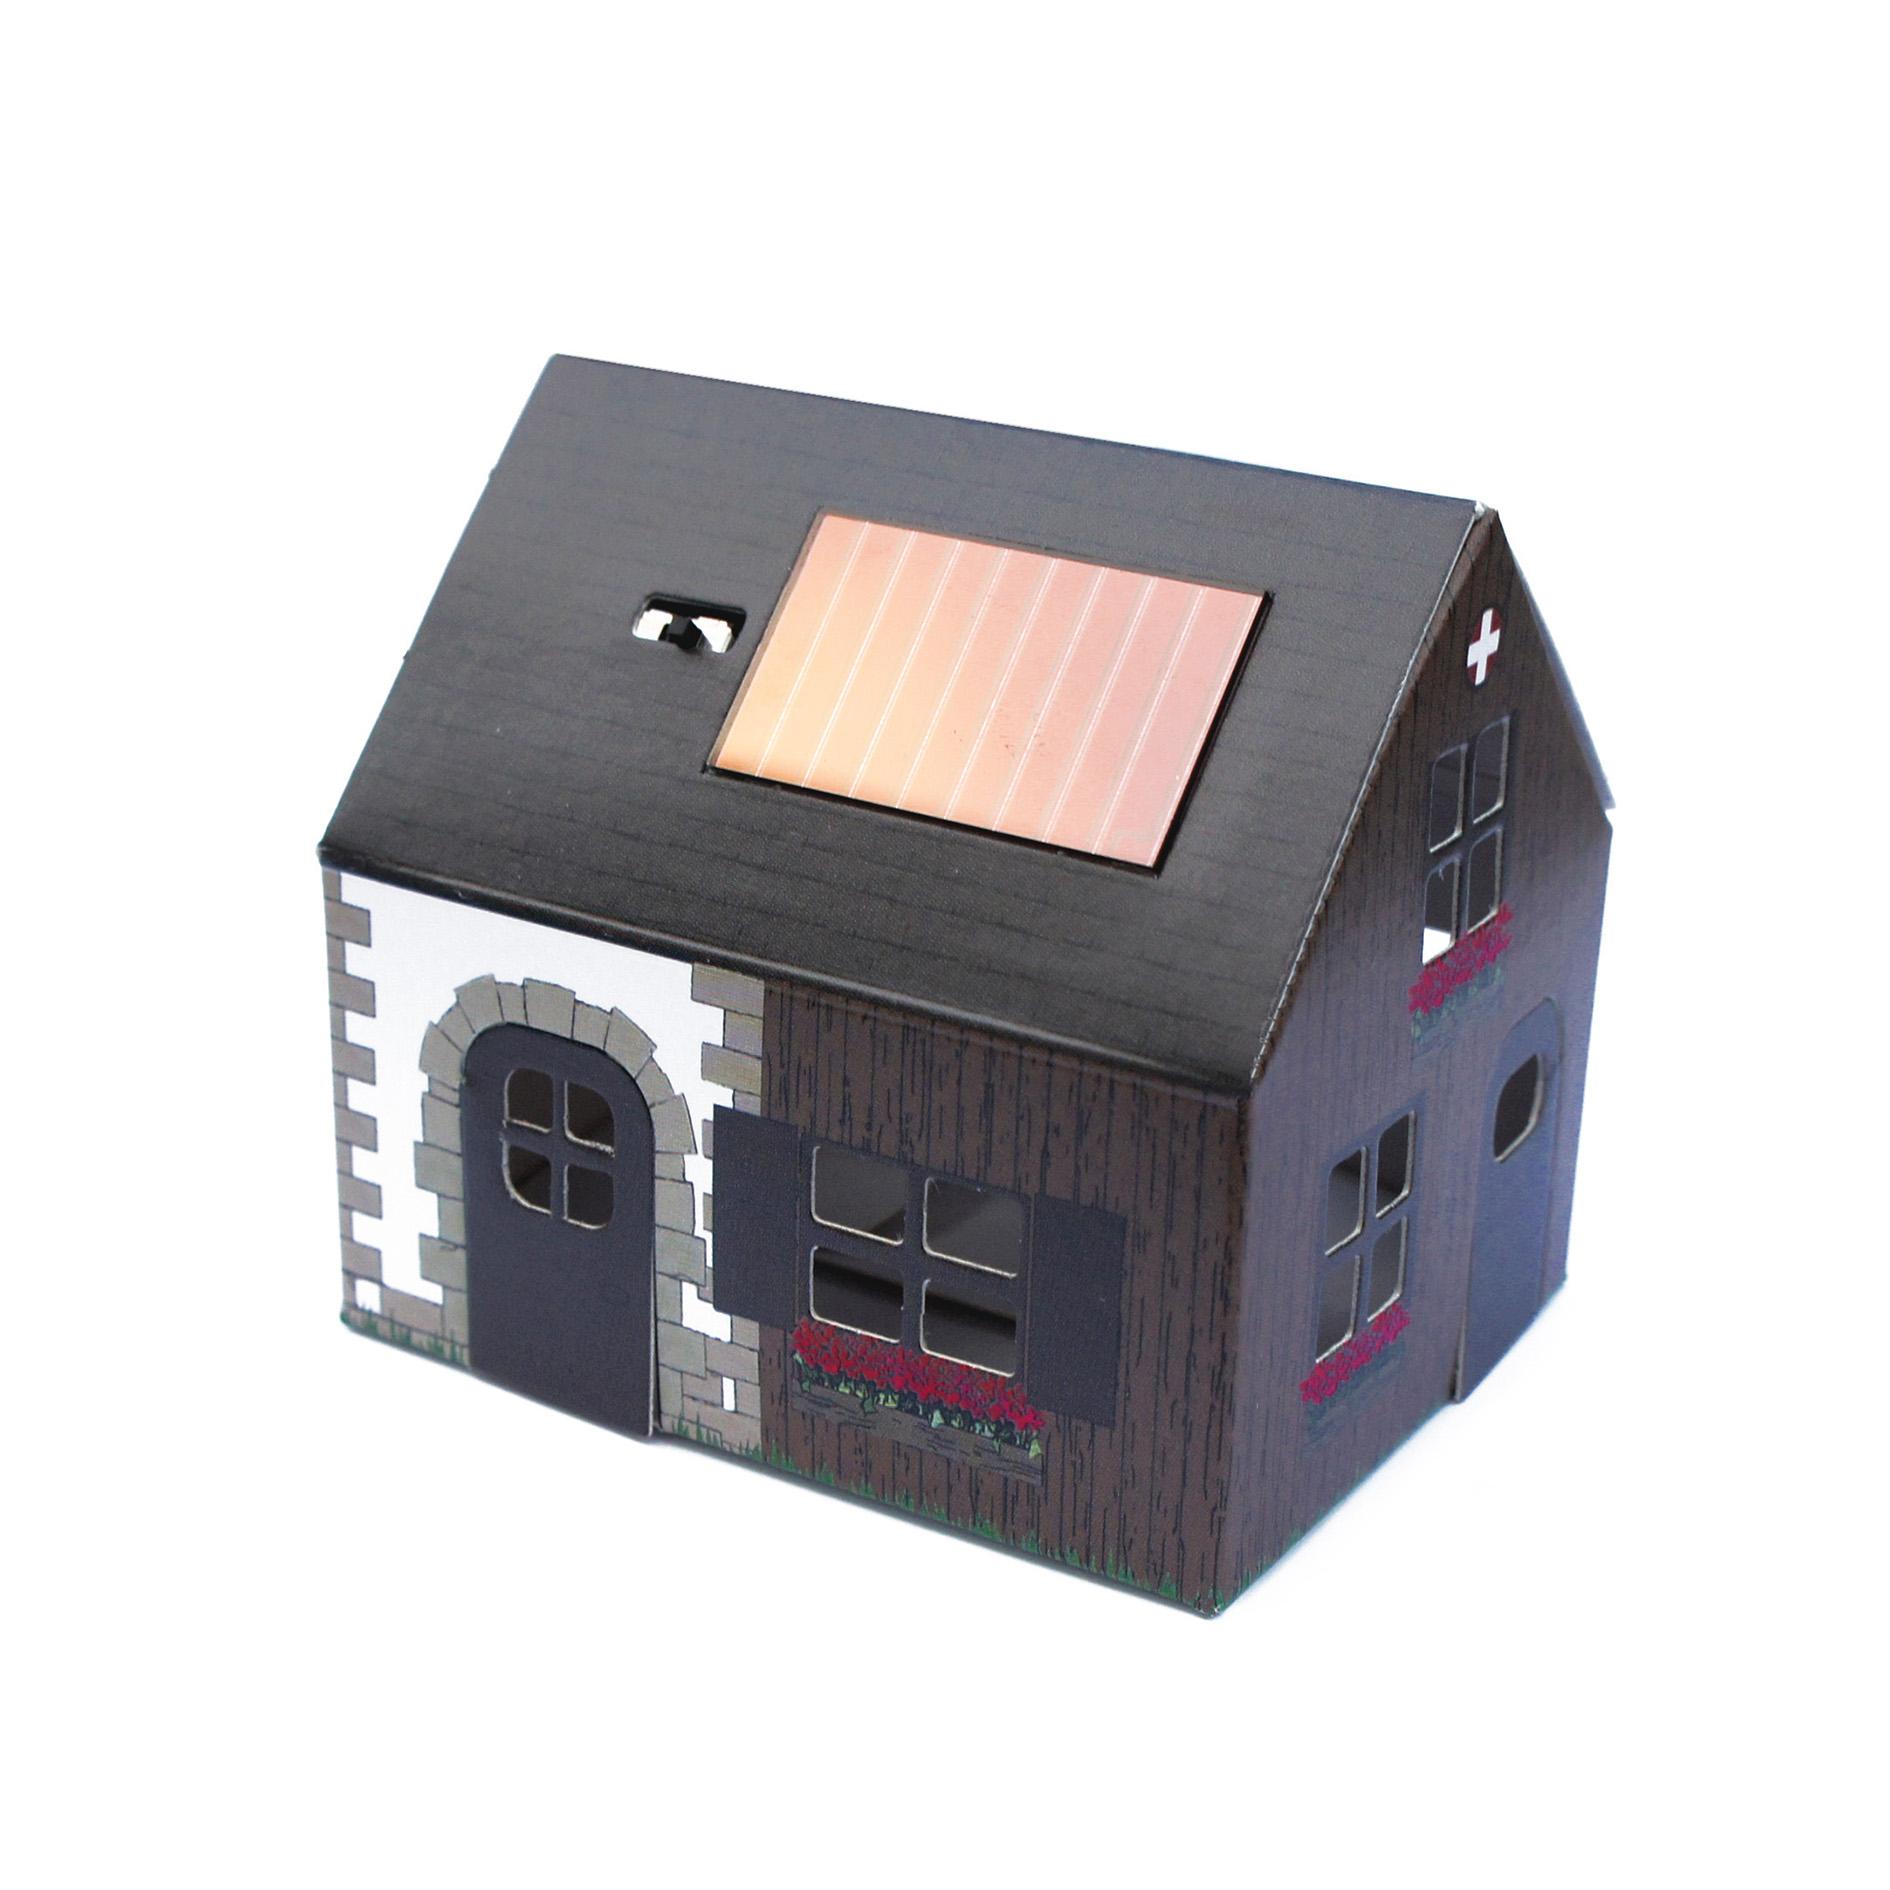 ערכת הרכבה – מנורת לילה סולארית, בית כפרי